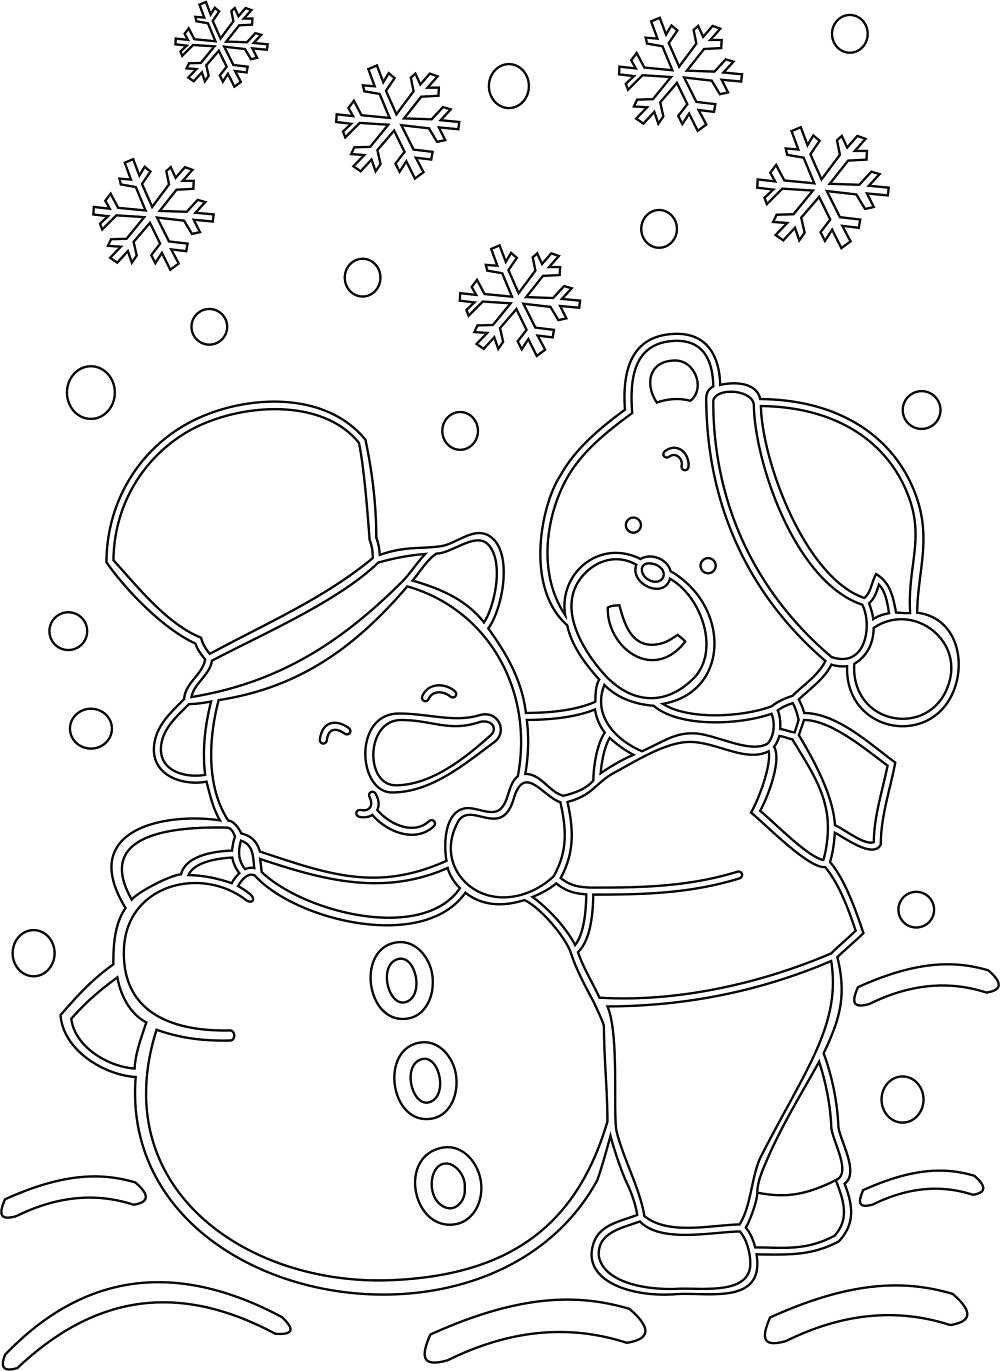 Новогодняя открытка своими руками рисунок карандашом